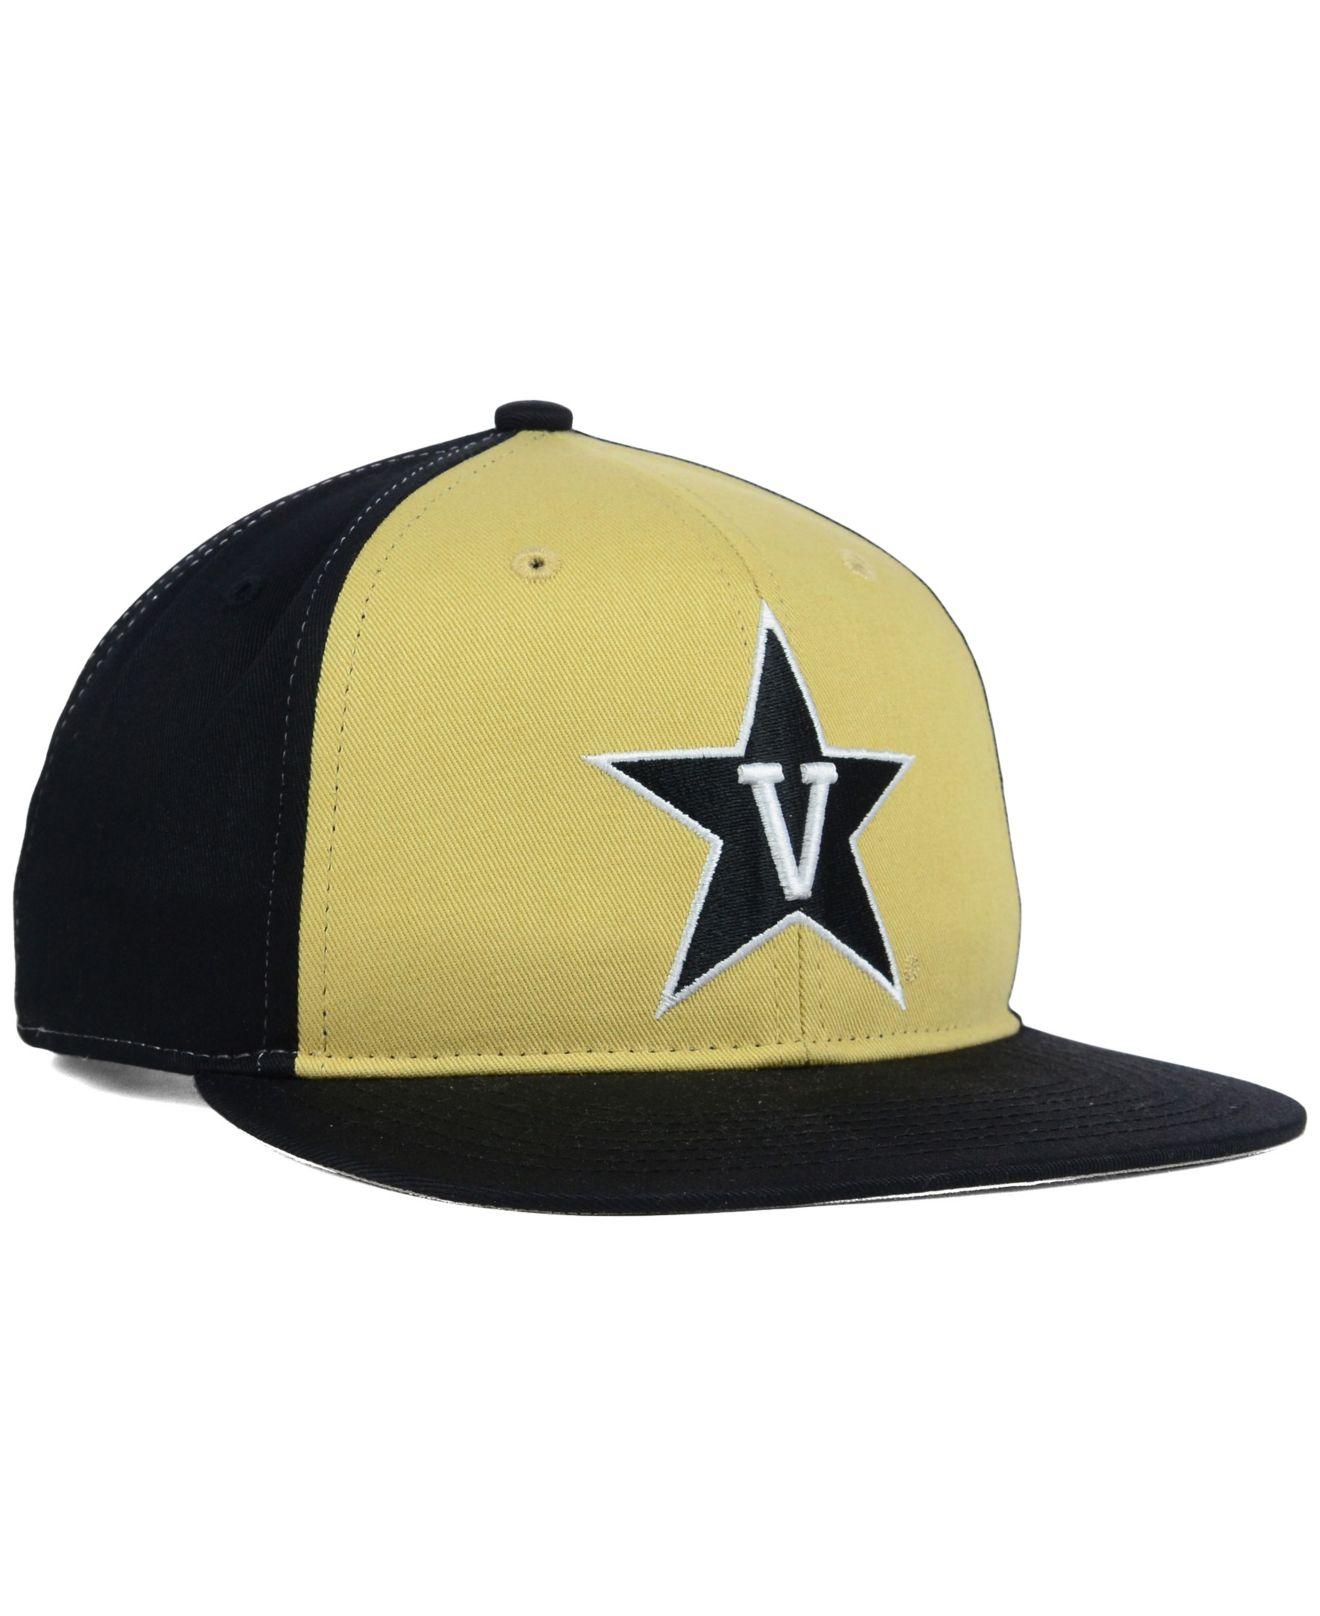 new concept 8a5a9 d4ba3 ... authentic lyst 47 brand kids vanderbilt commodores snapback cap in  yellow 1ec1b 6aa32